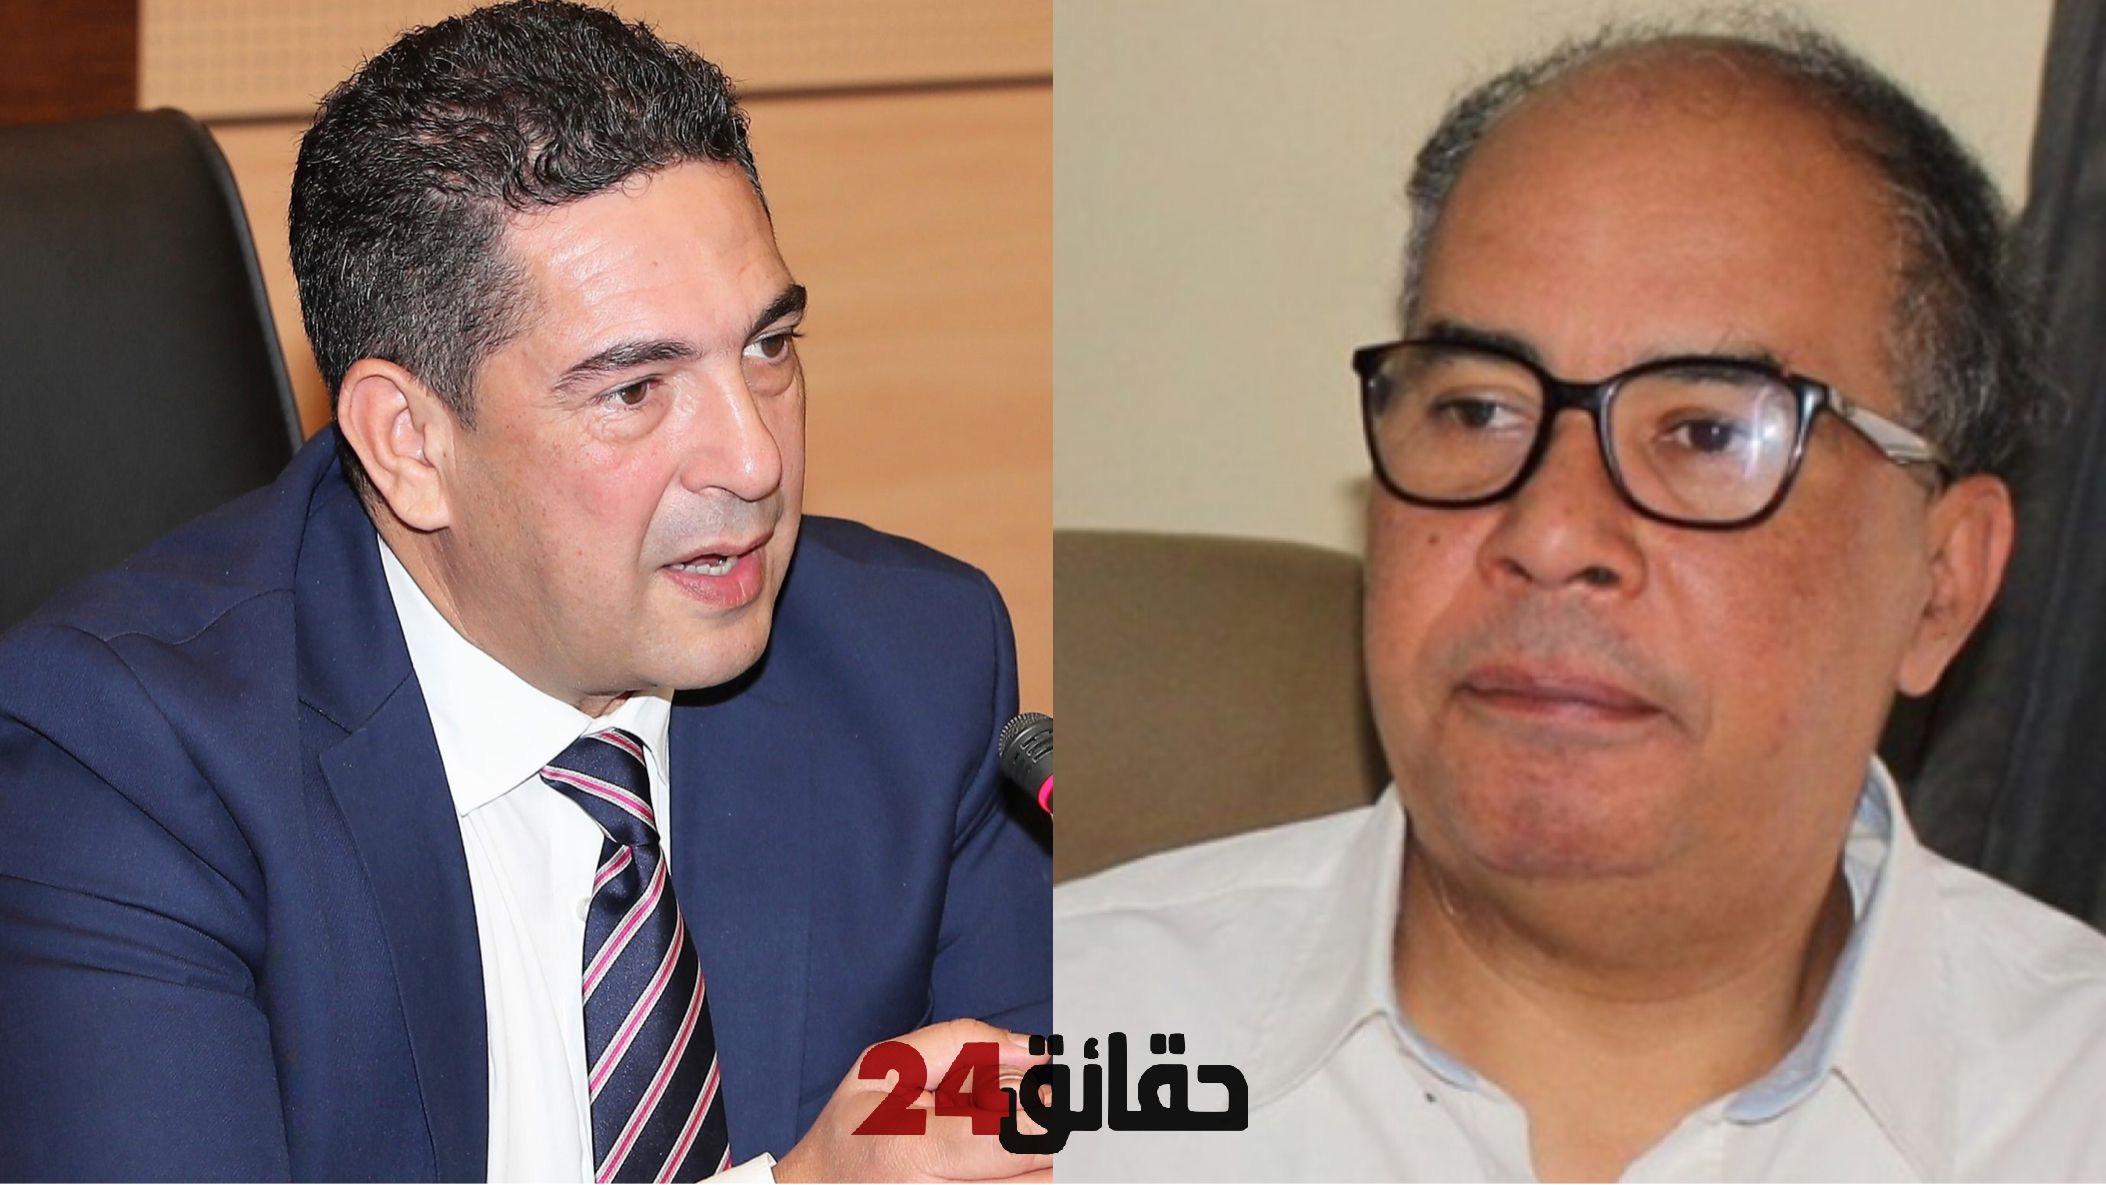 صورة وزارة التربية الوطنية تخرج عن صمتها في قضية الأستاذ نشيد